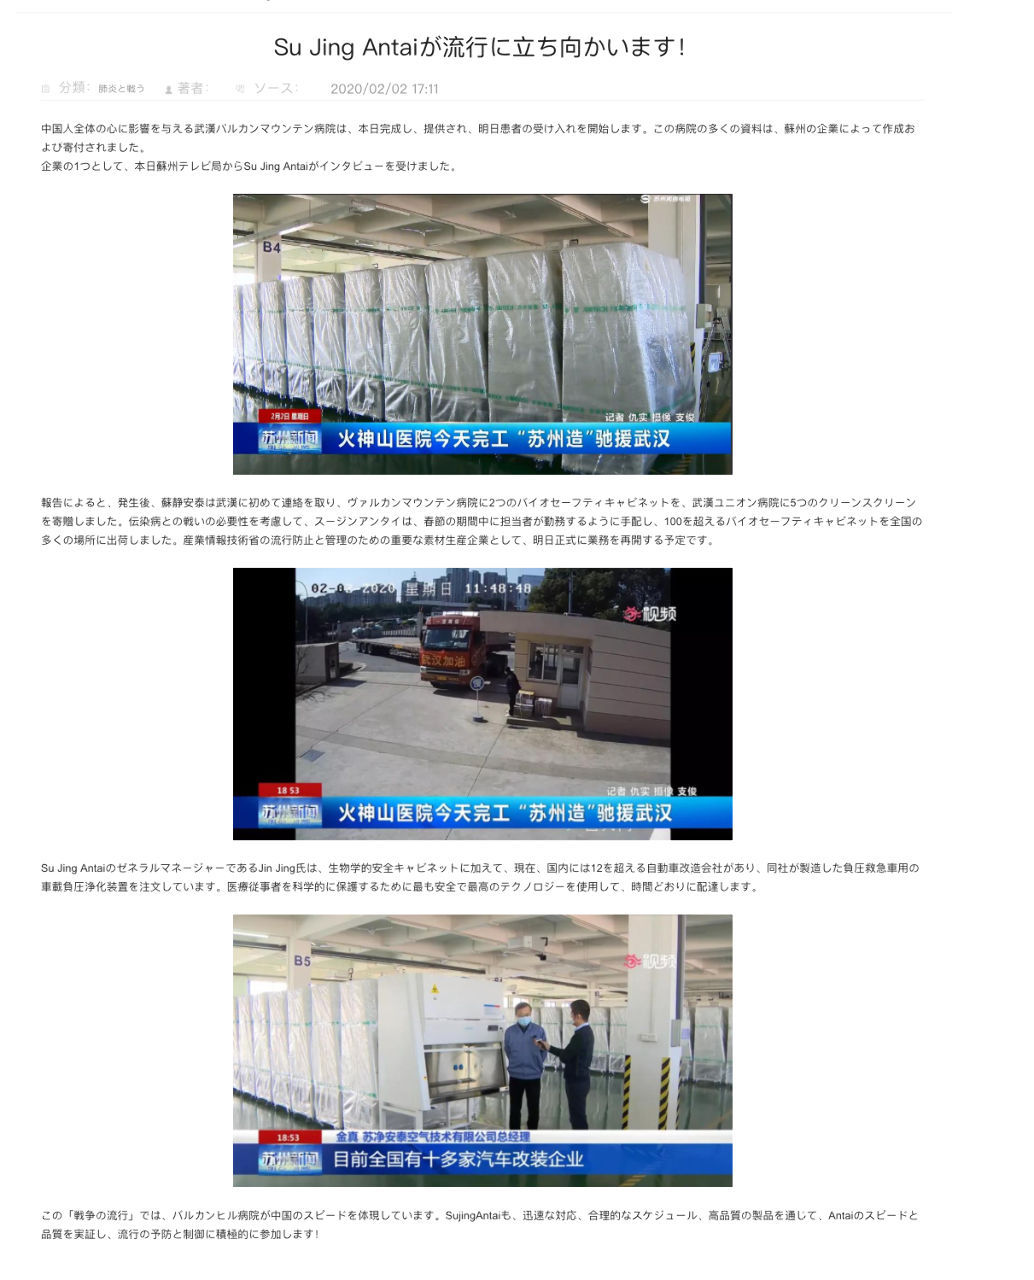 6291 - 日本エアーテック(株) 2月初旬はこの安全キャビネットのニュース  それから後に陰圧救急車500台以上に納入でしたね。